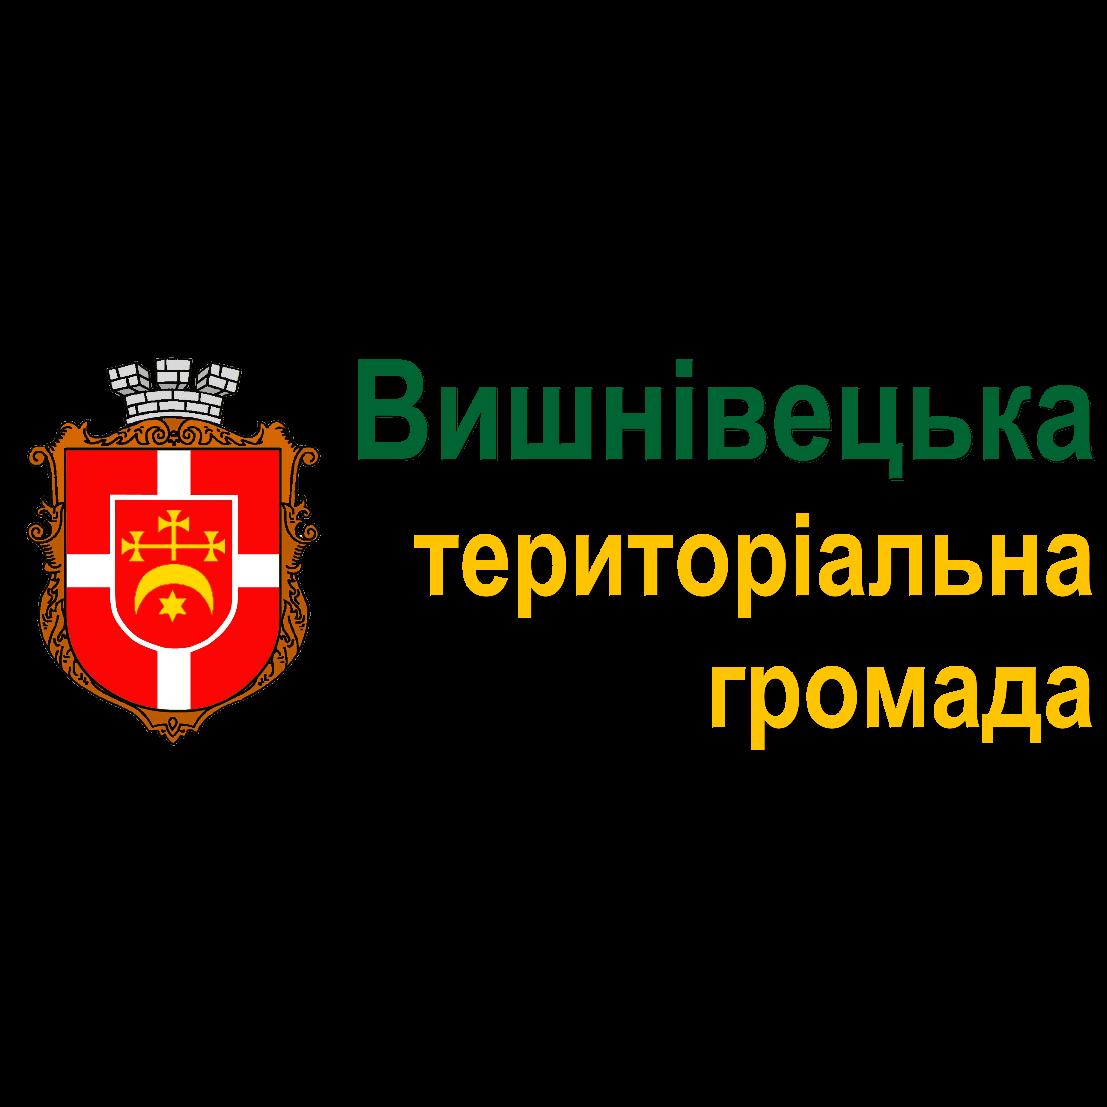 Логотип-В-ОТГ-567 22аб